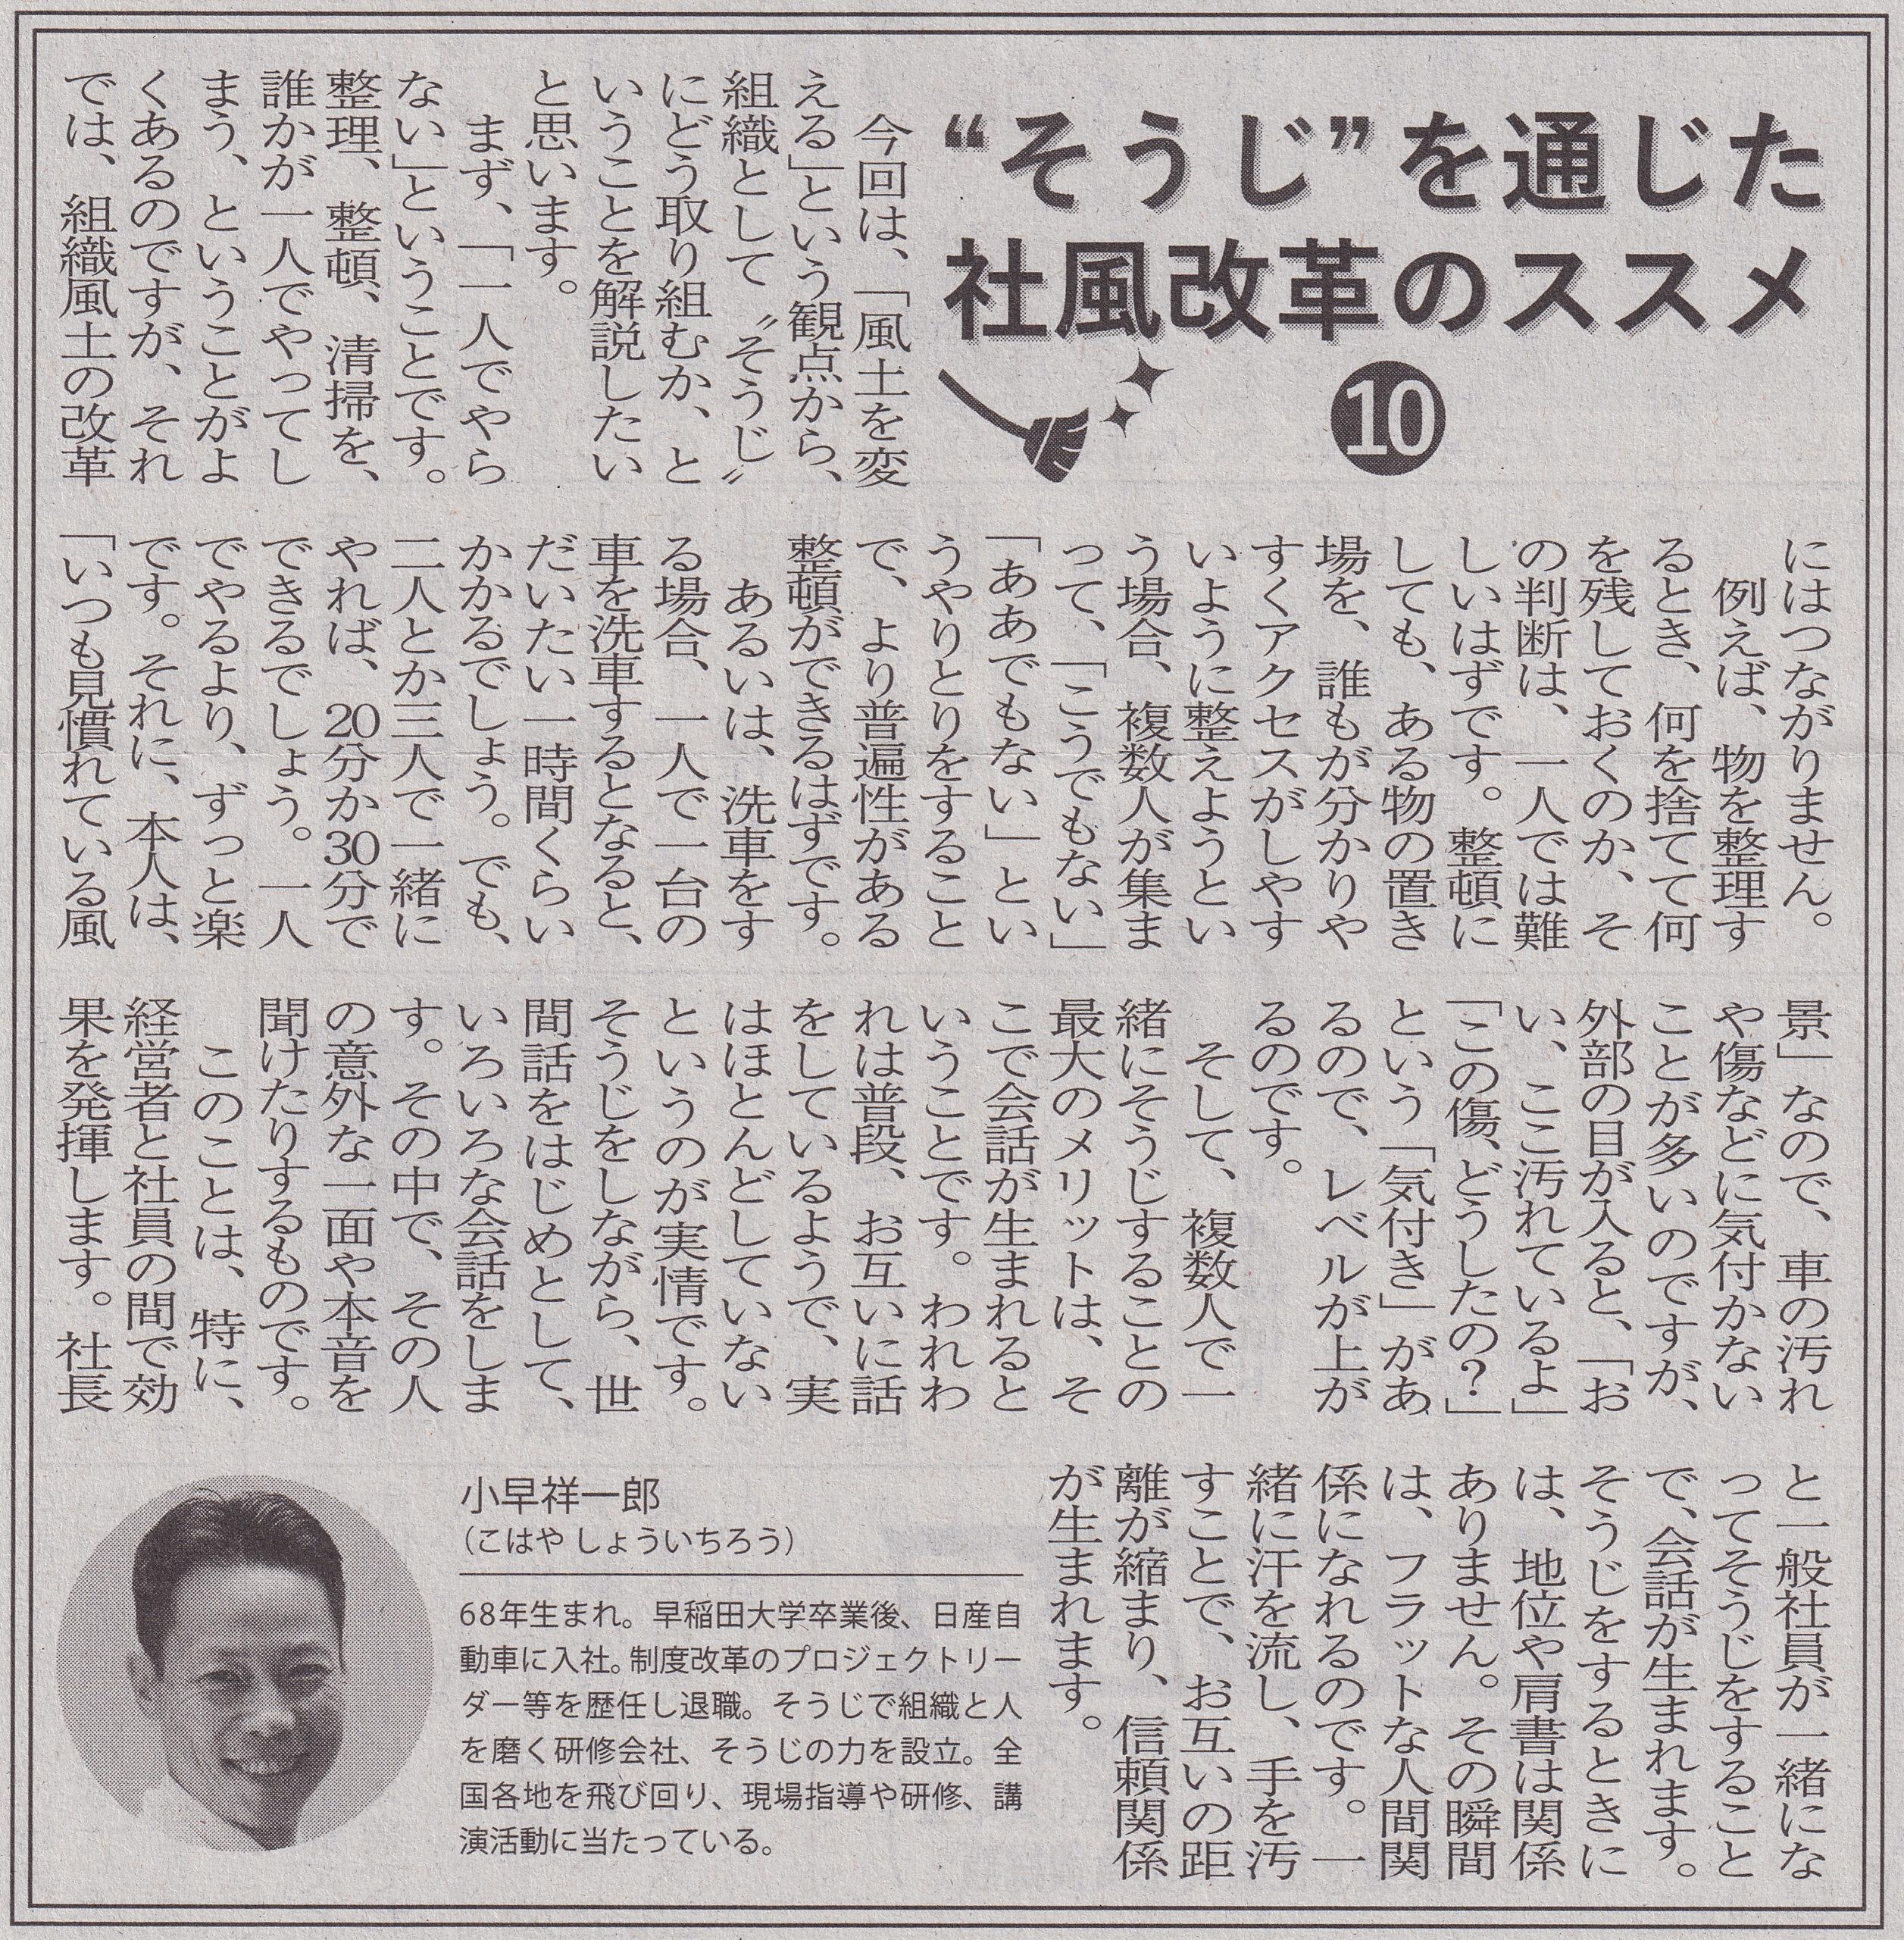 2020年2月6日ぐんま経済新聞